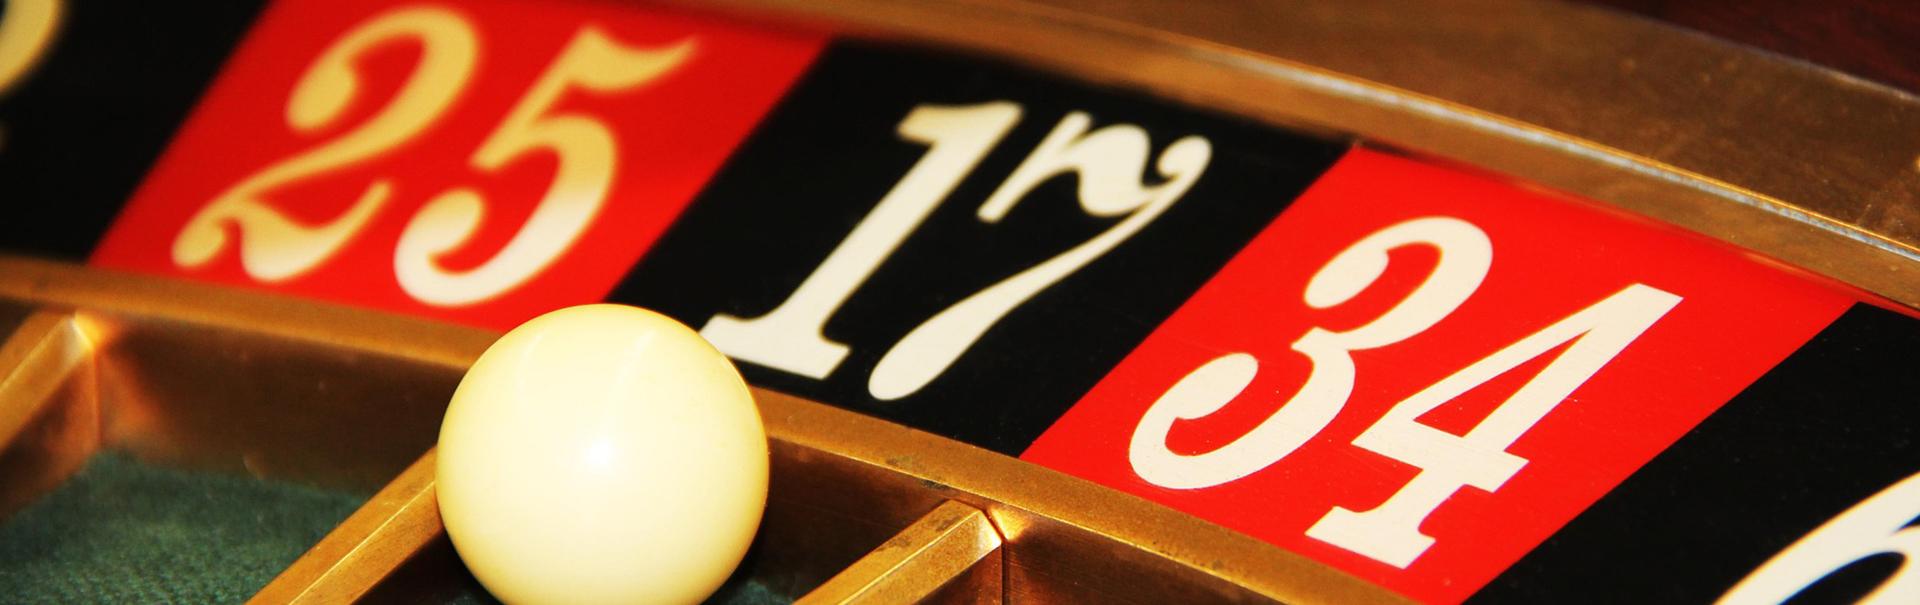 Online-Casino muss Spieler Verluste zurückzahlen